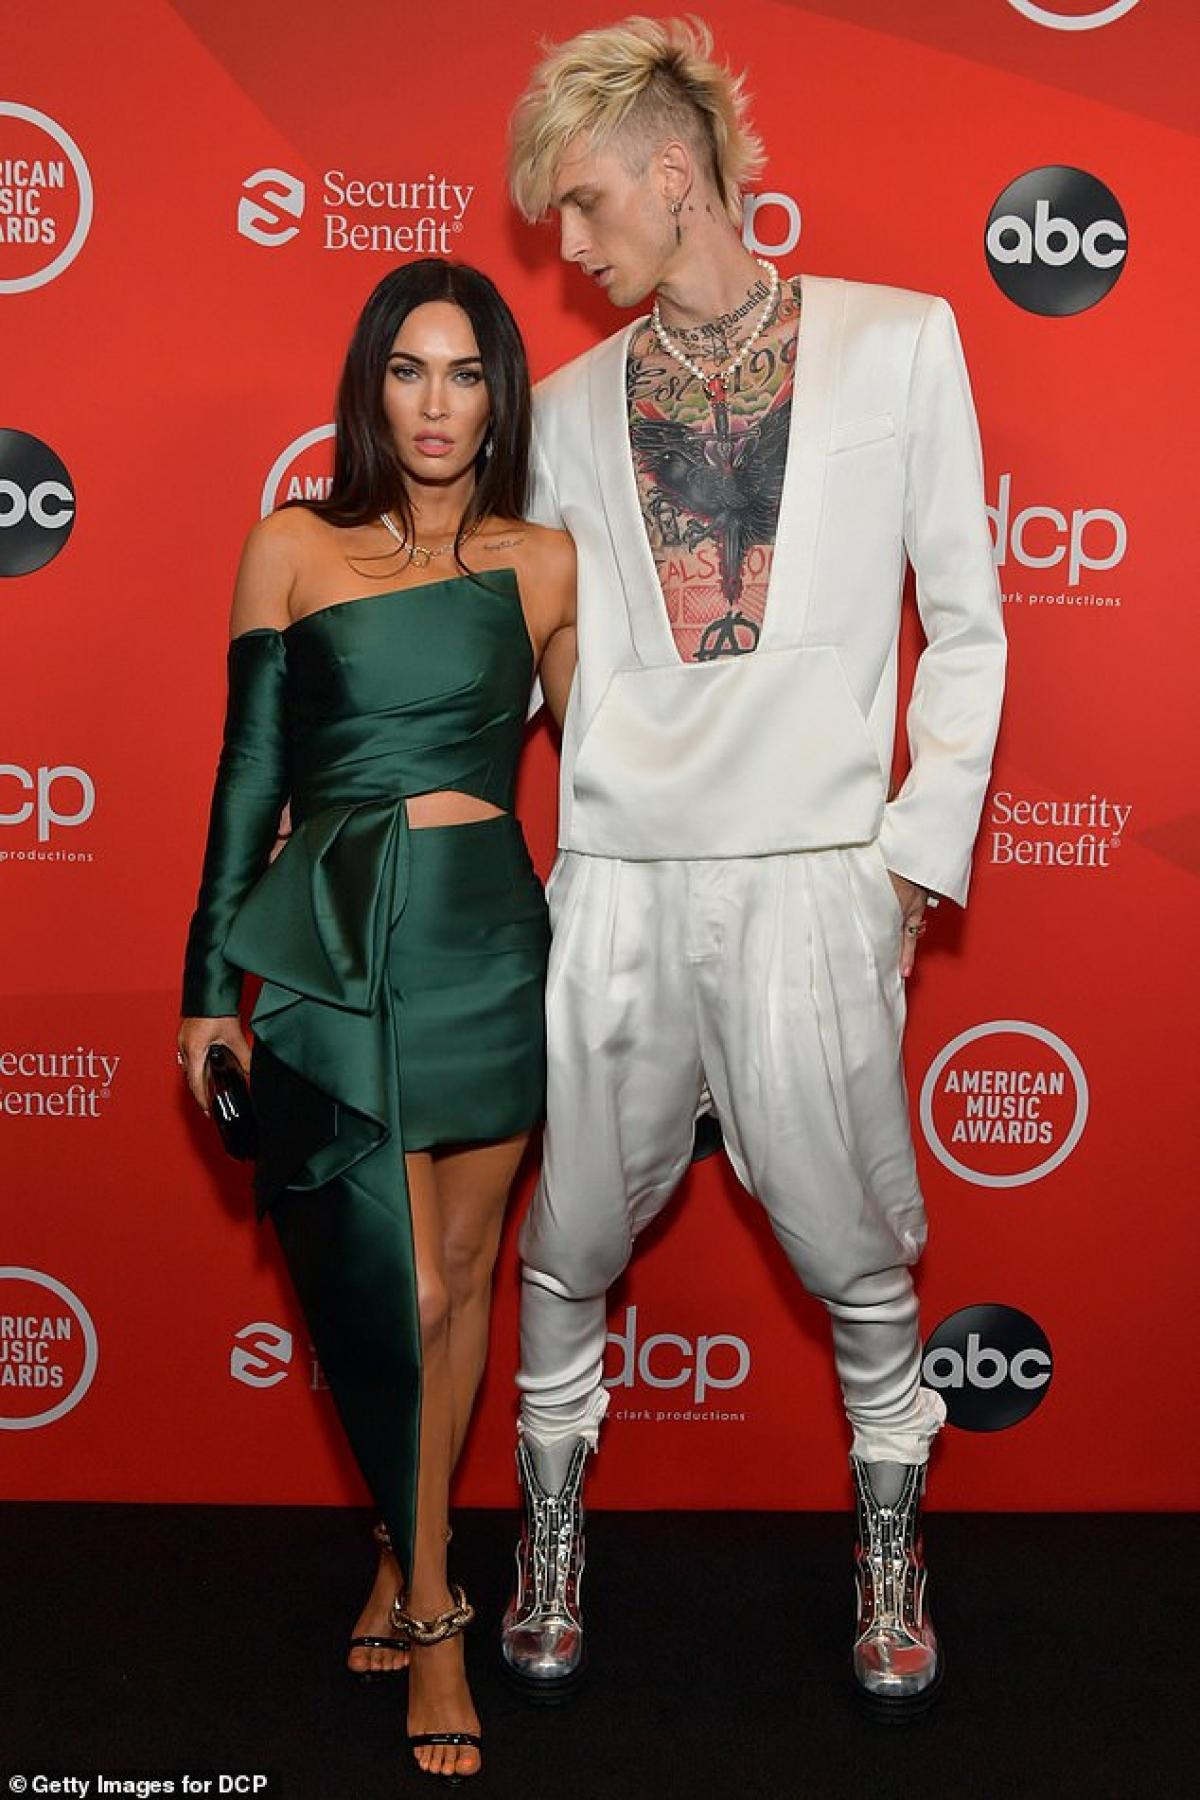 Trong khi đó, nam rapper Machine Gun Kelly lại diện vest trắng khoe loạt hình xăm khủng trên cơ thể.